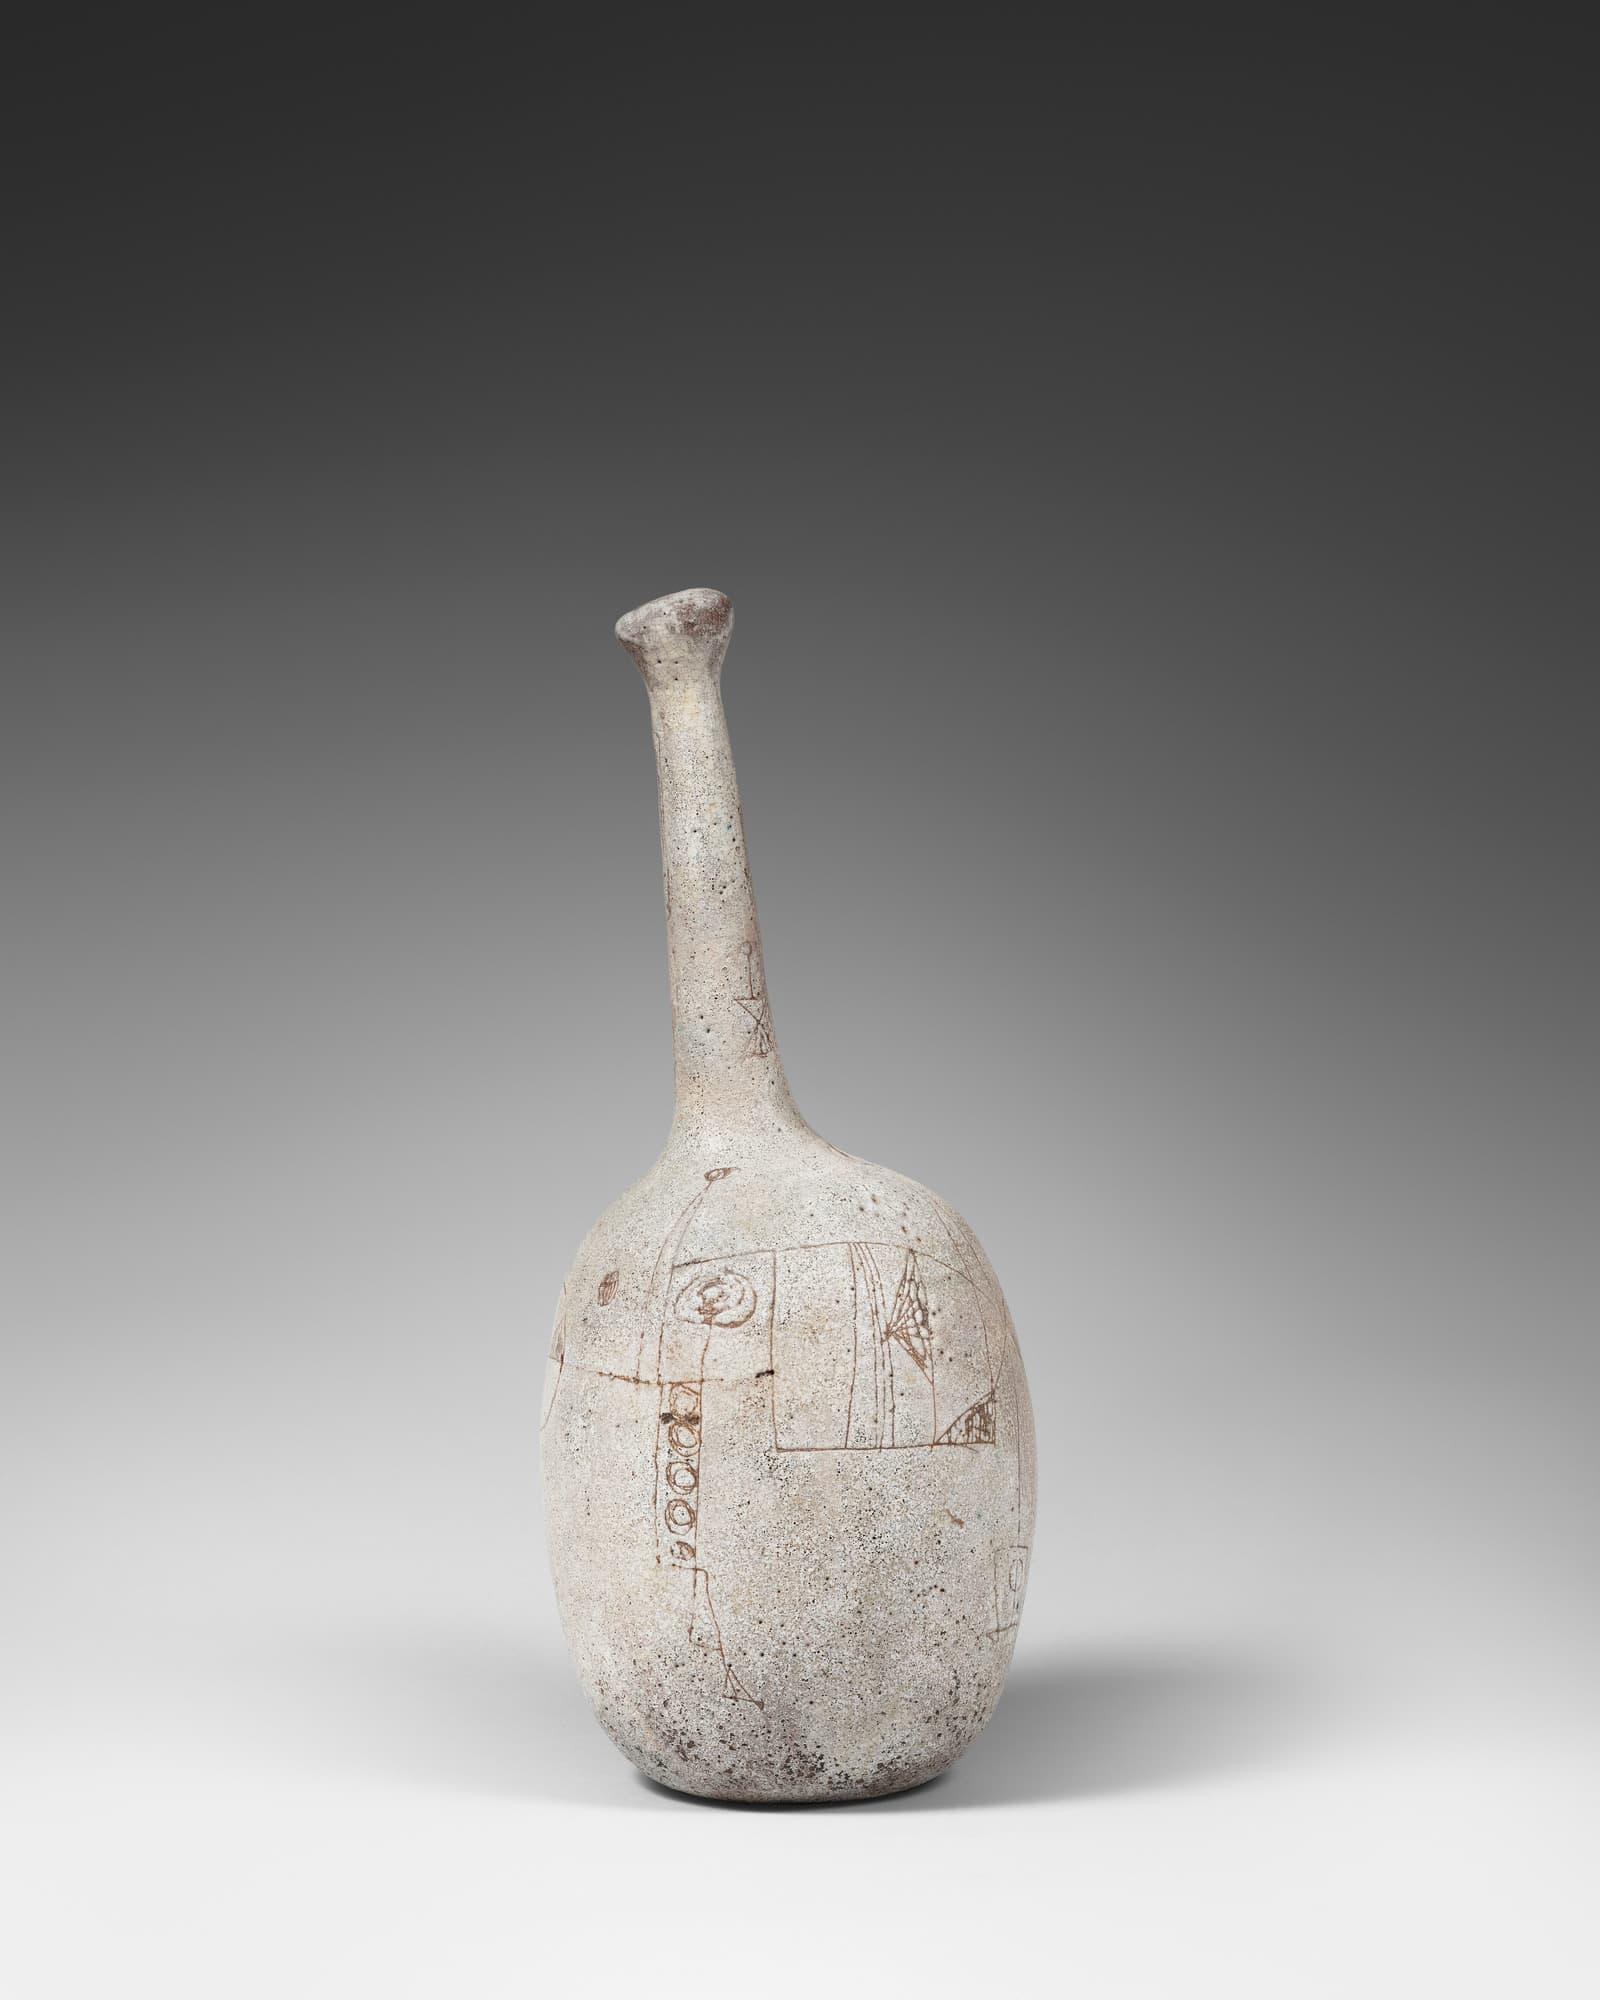 André Borderie, Pierre & Vera Szekely, Rare vase sculpture, vue 01